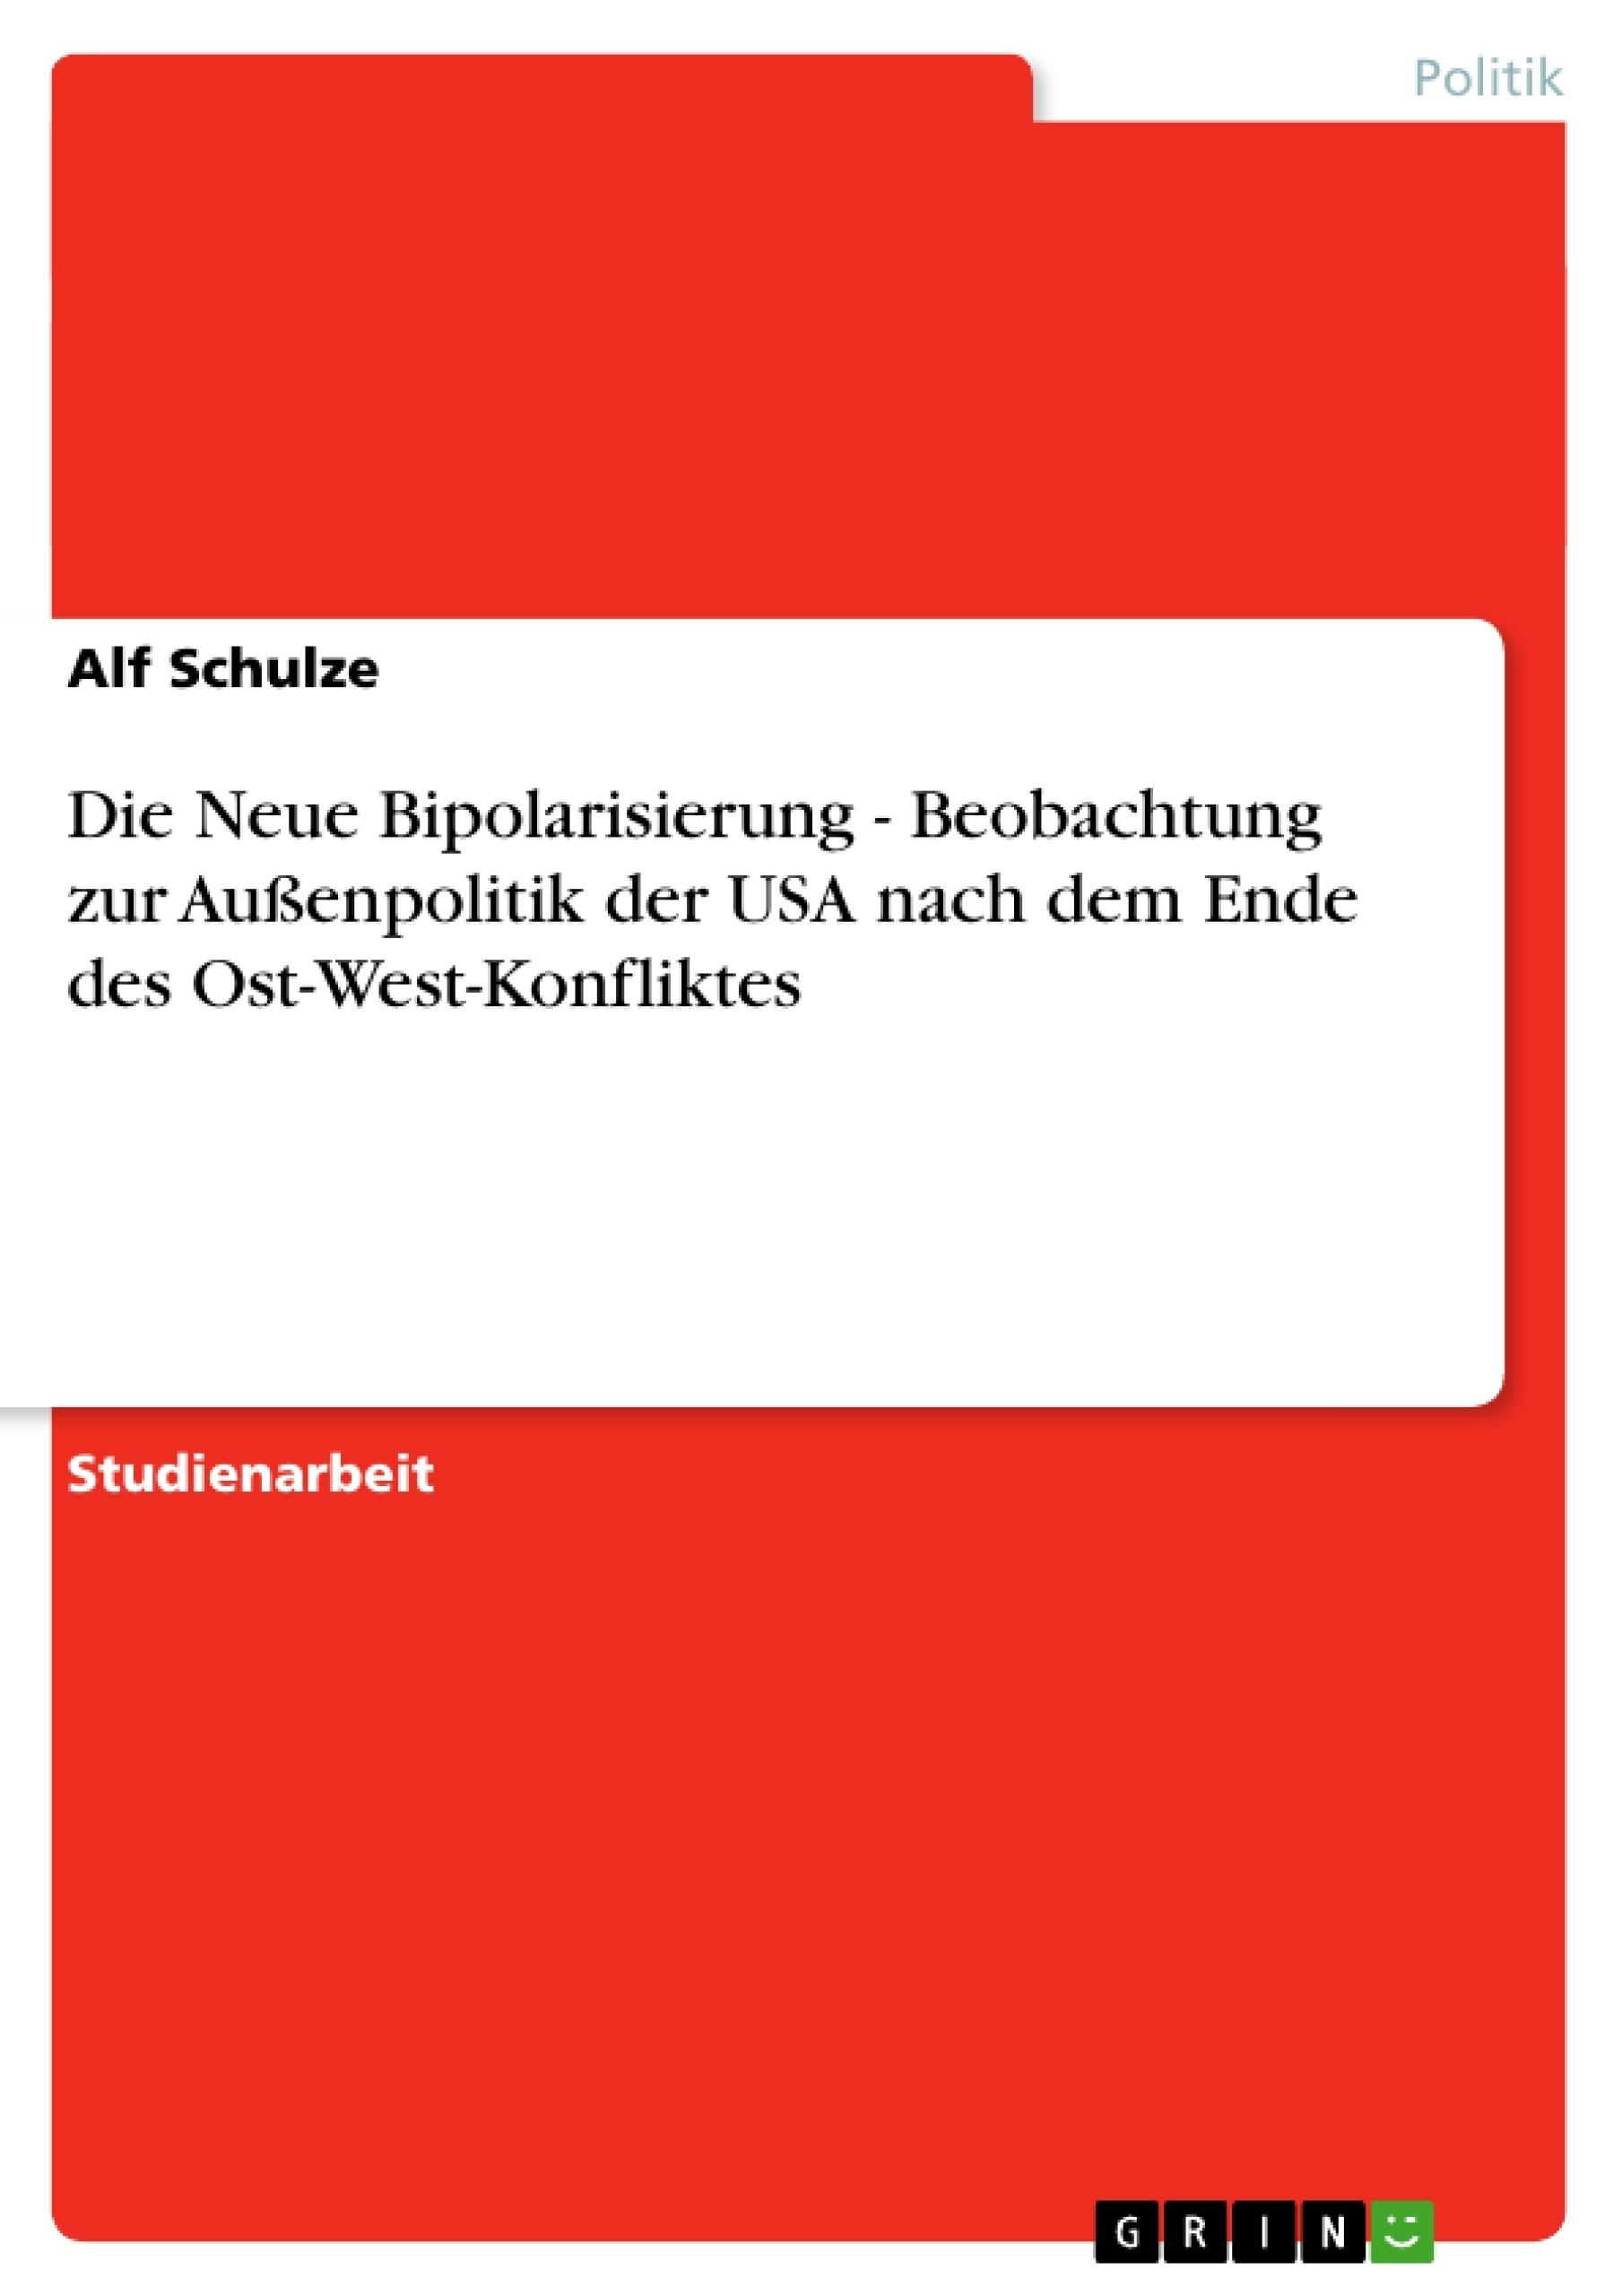 Titel: Die Neue Bipolarisierung - Beobachtung zur Außenpolitik der USA nach dem Ende des Ost-West-Konfliktes